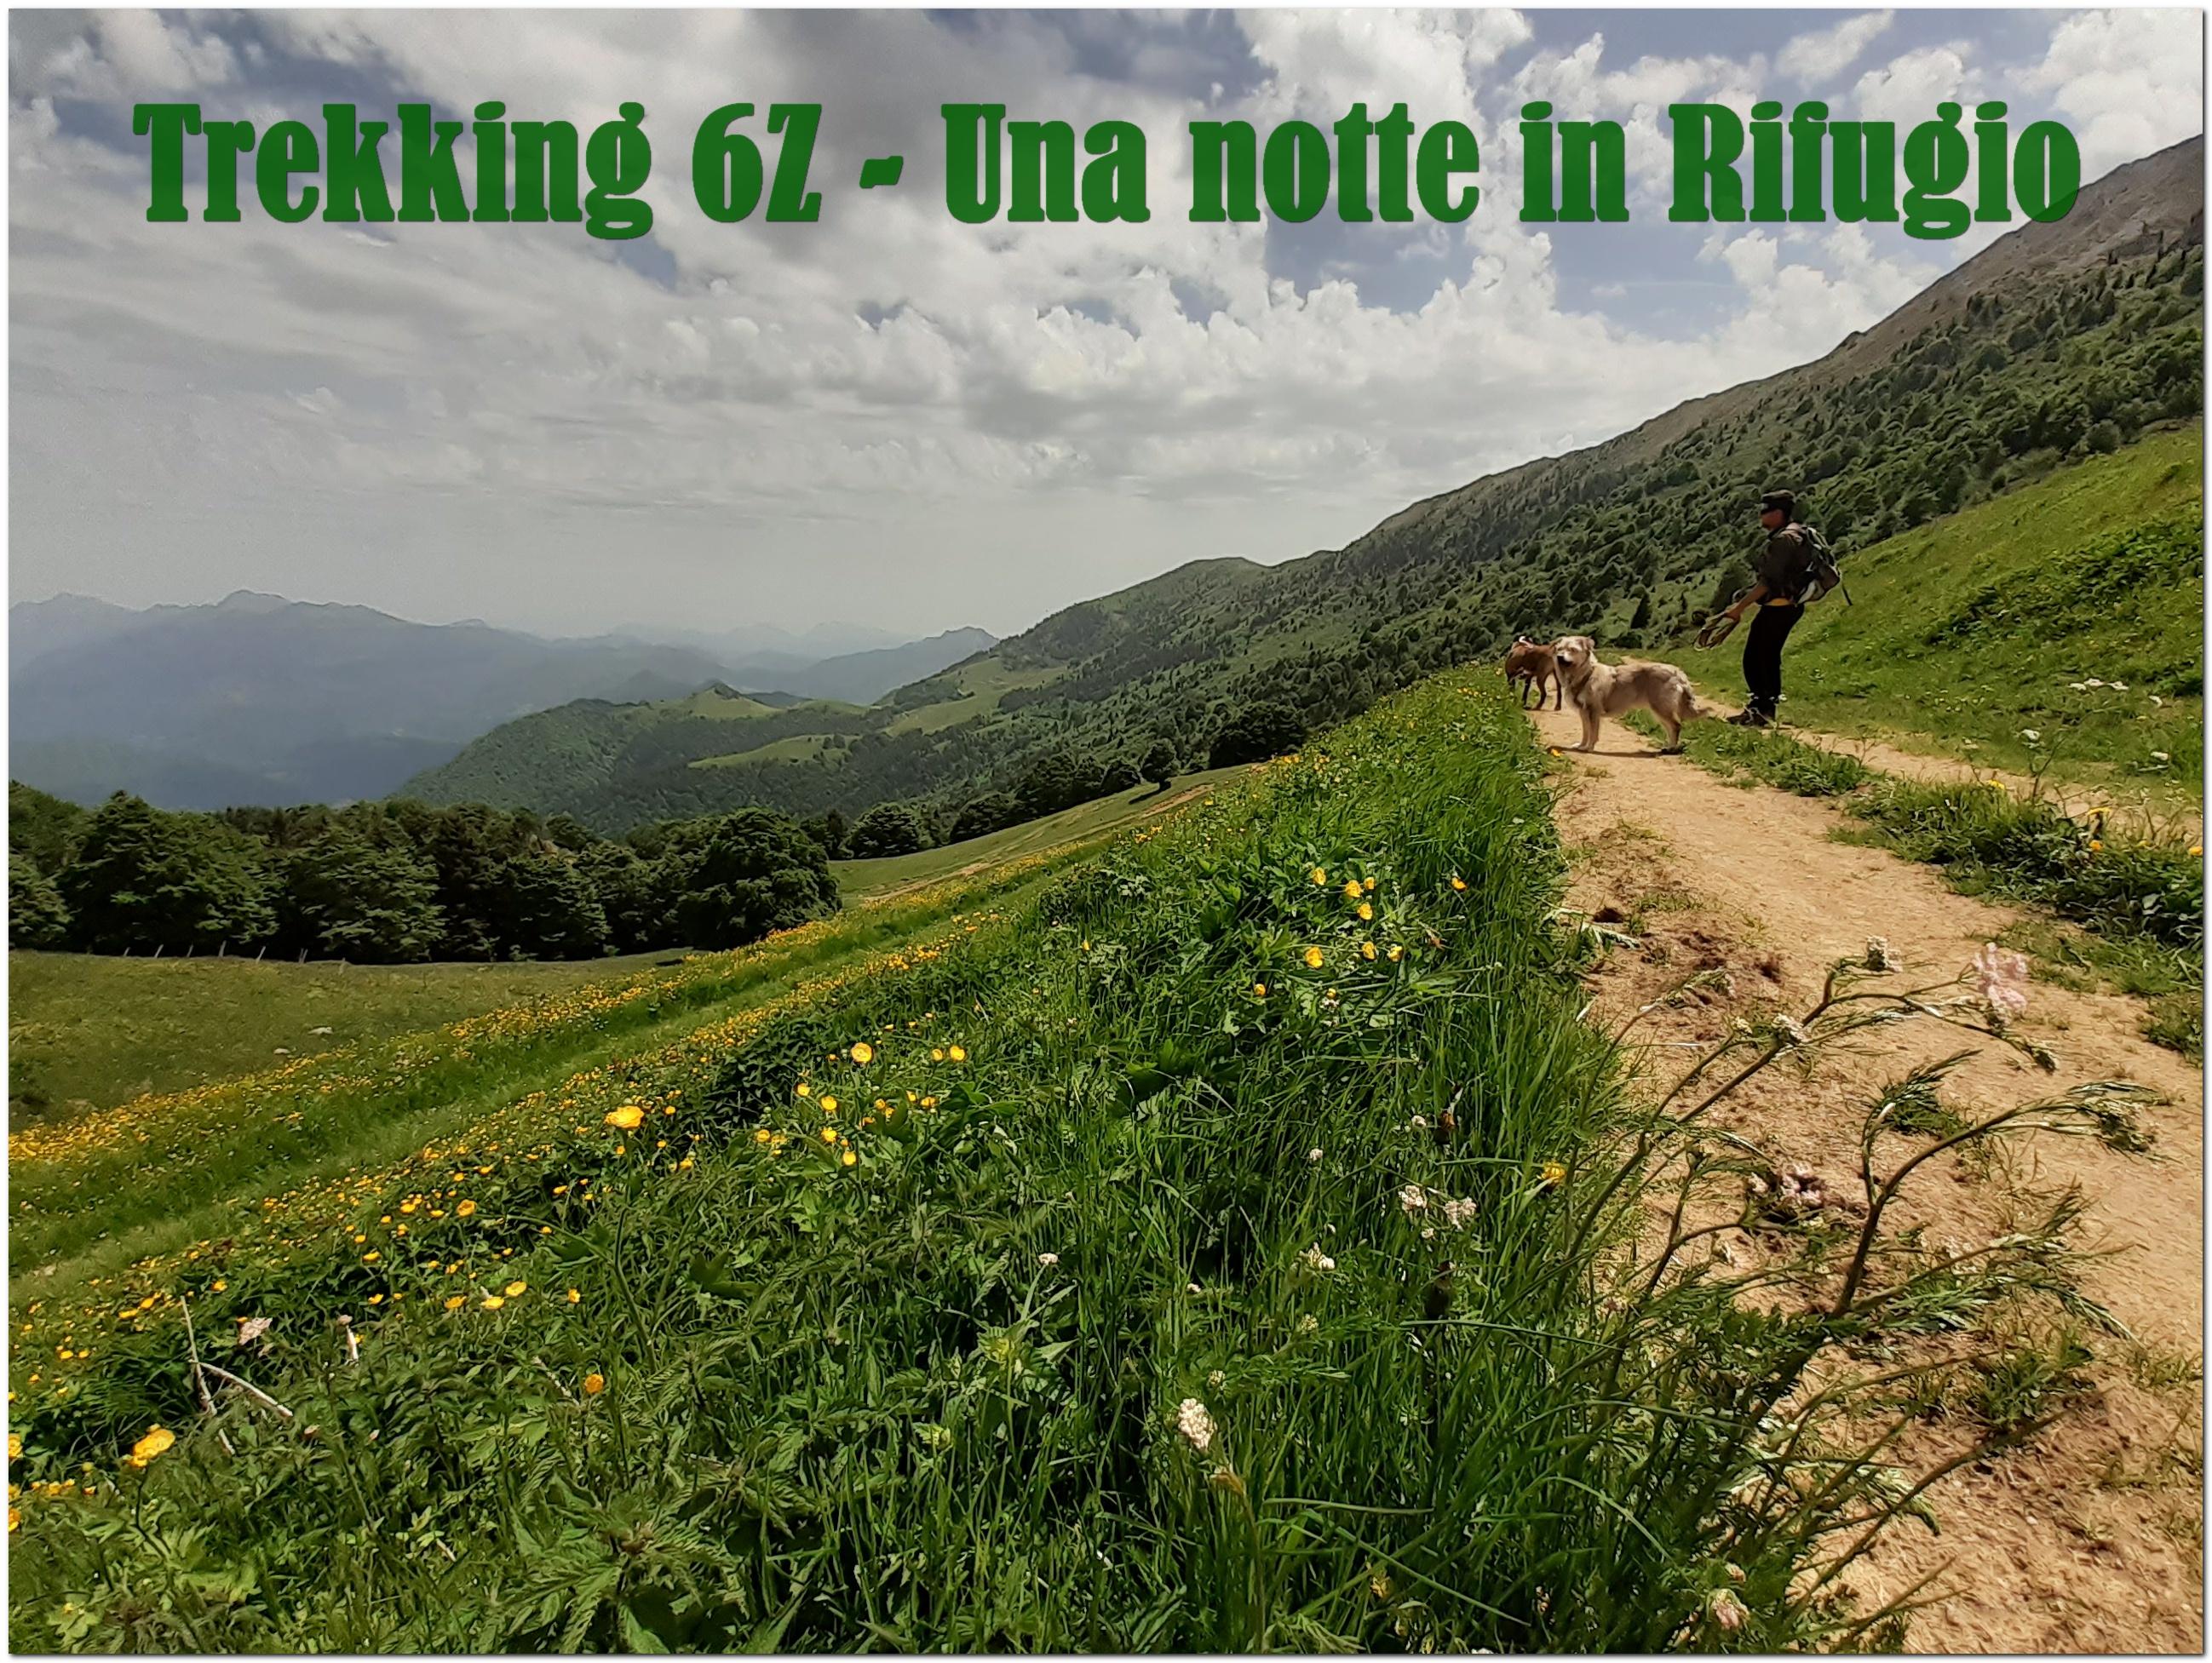 Trekking-Una Notte In Rifugio @ 6Zampe Centro Cinofilo